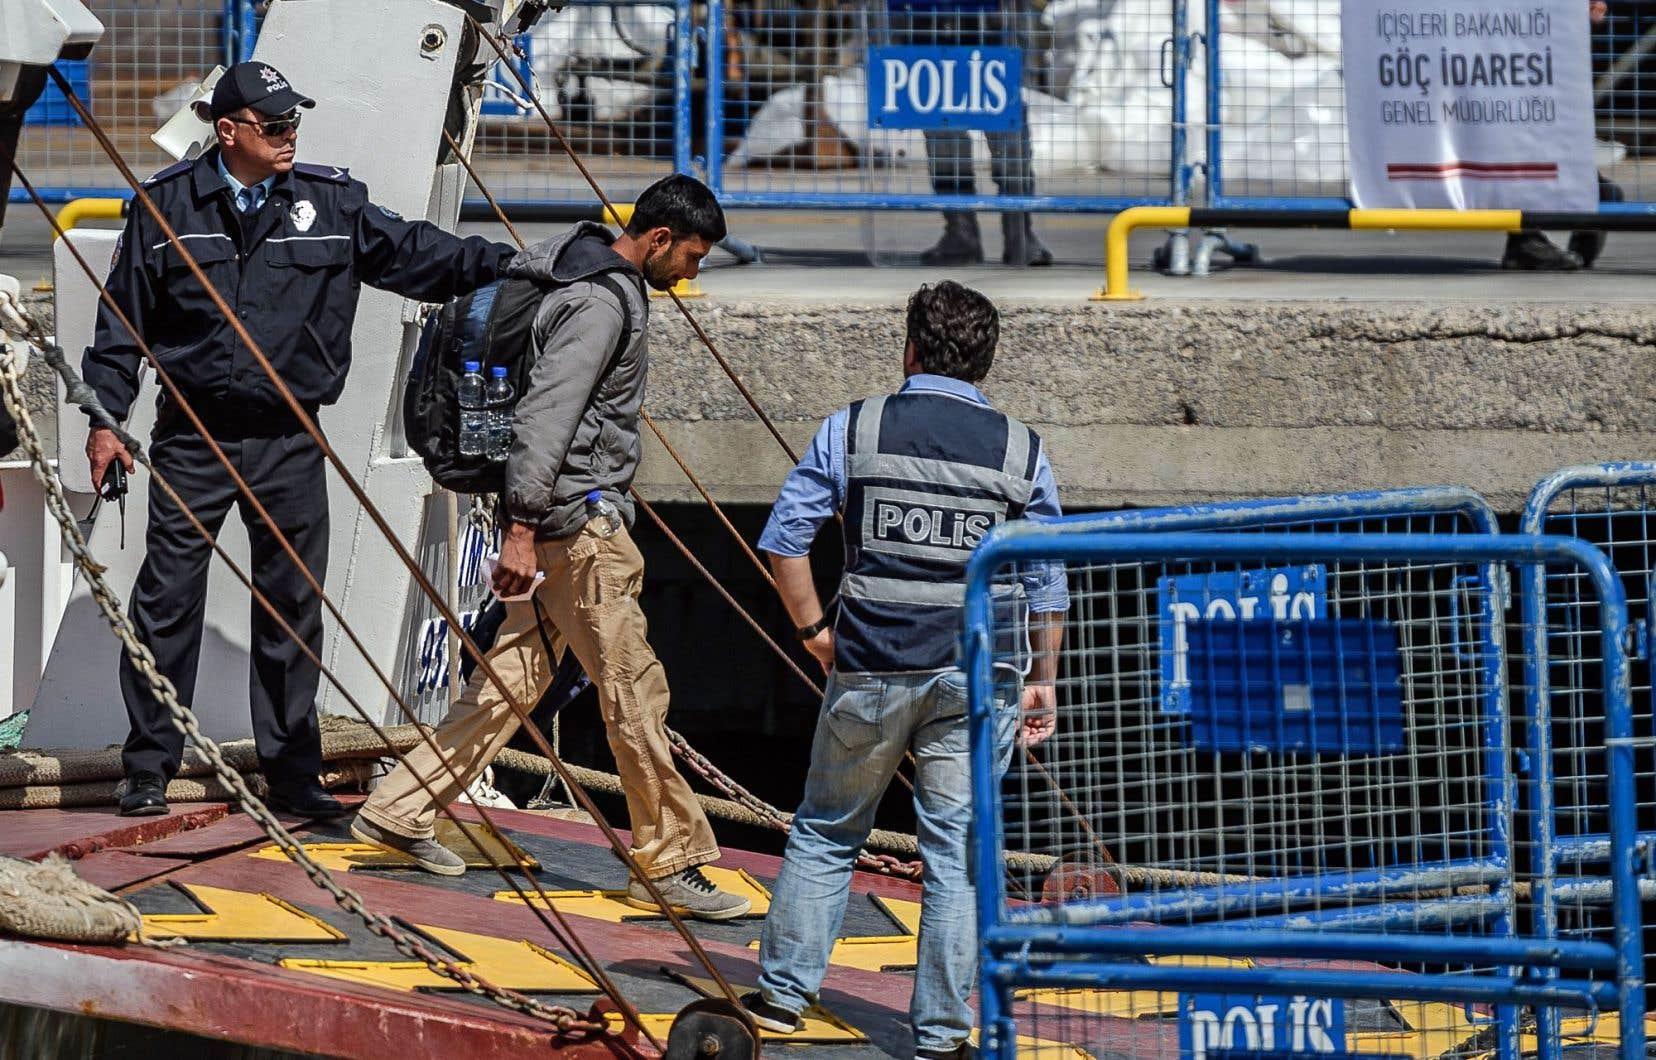 Les migrants ont embarqué à l'aube sur les bateaux turcs venus les chercher, deux à Lesbos et un à Chios.